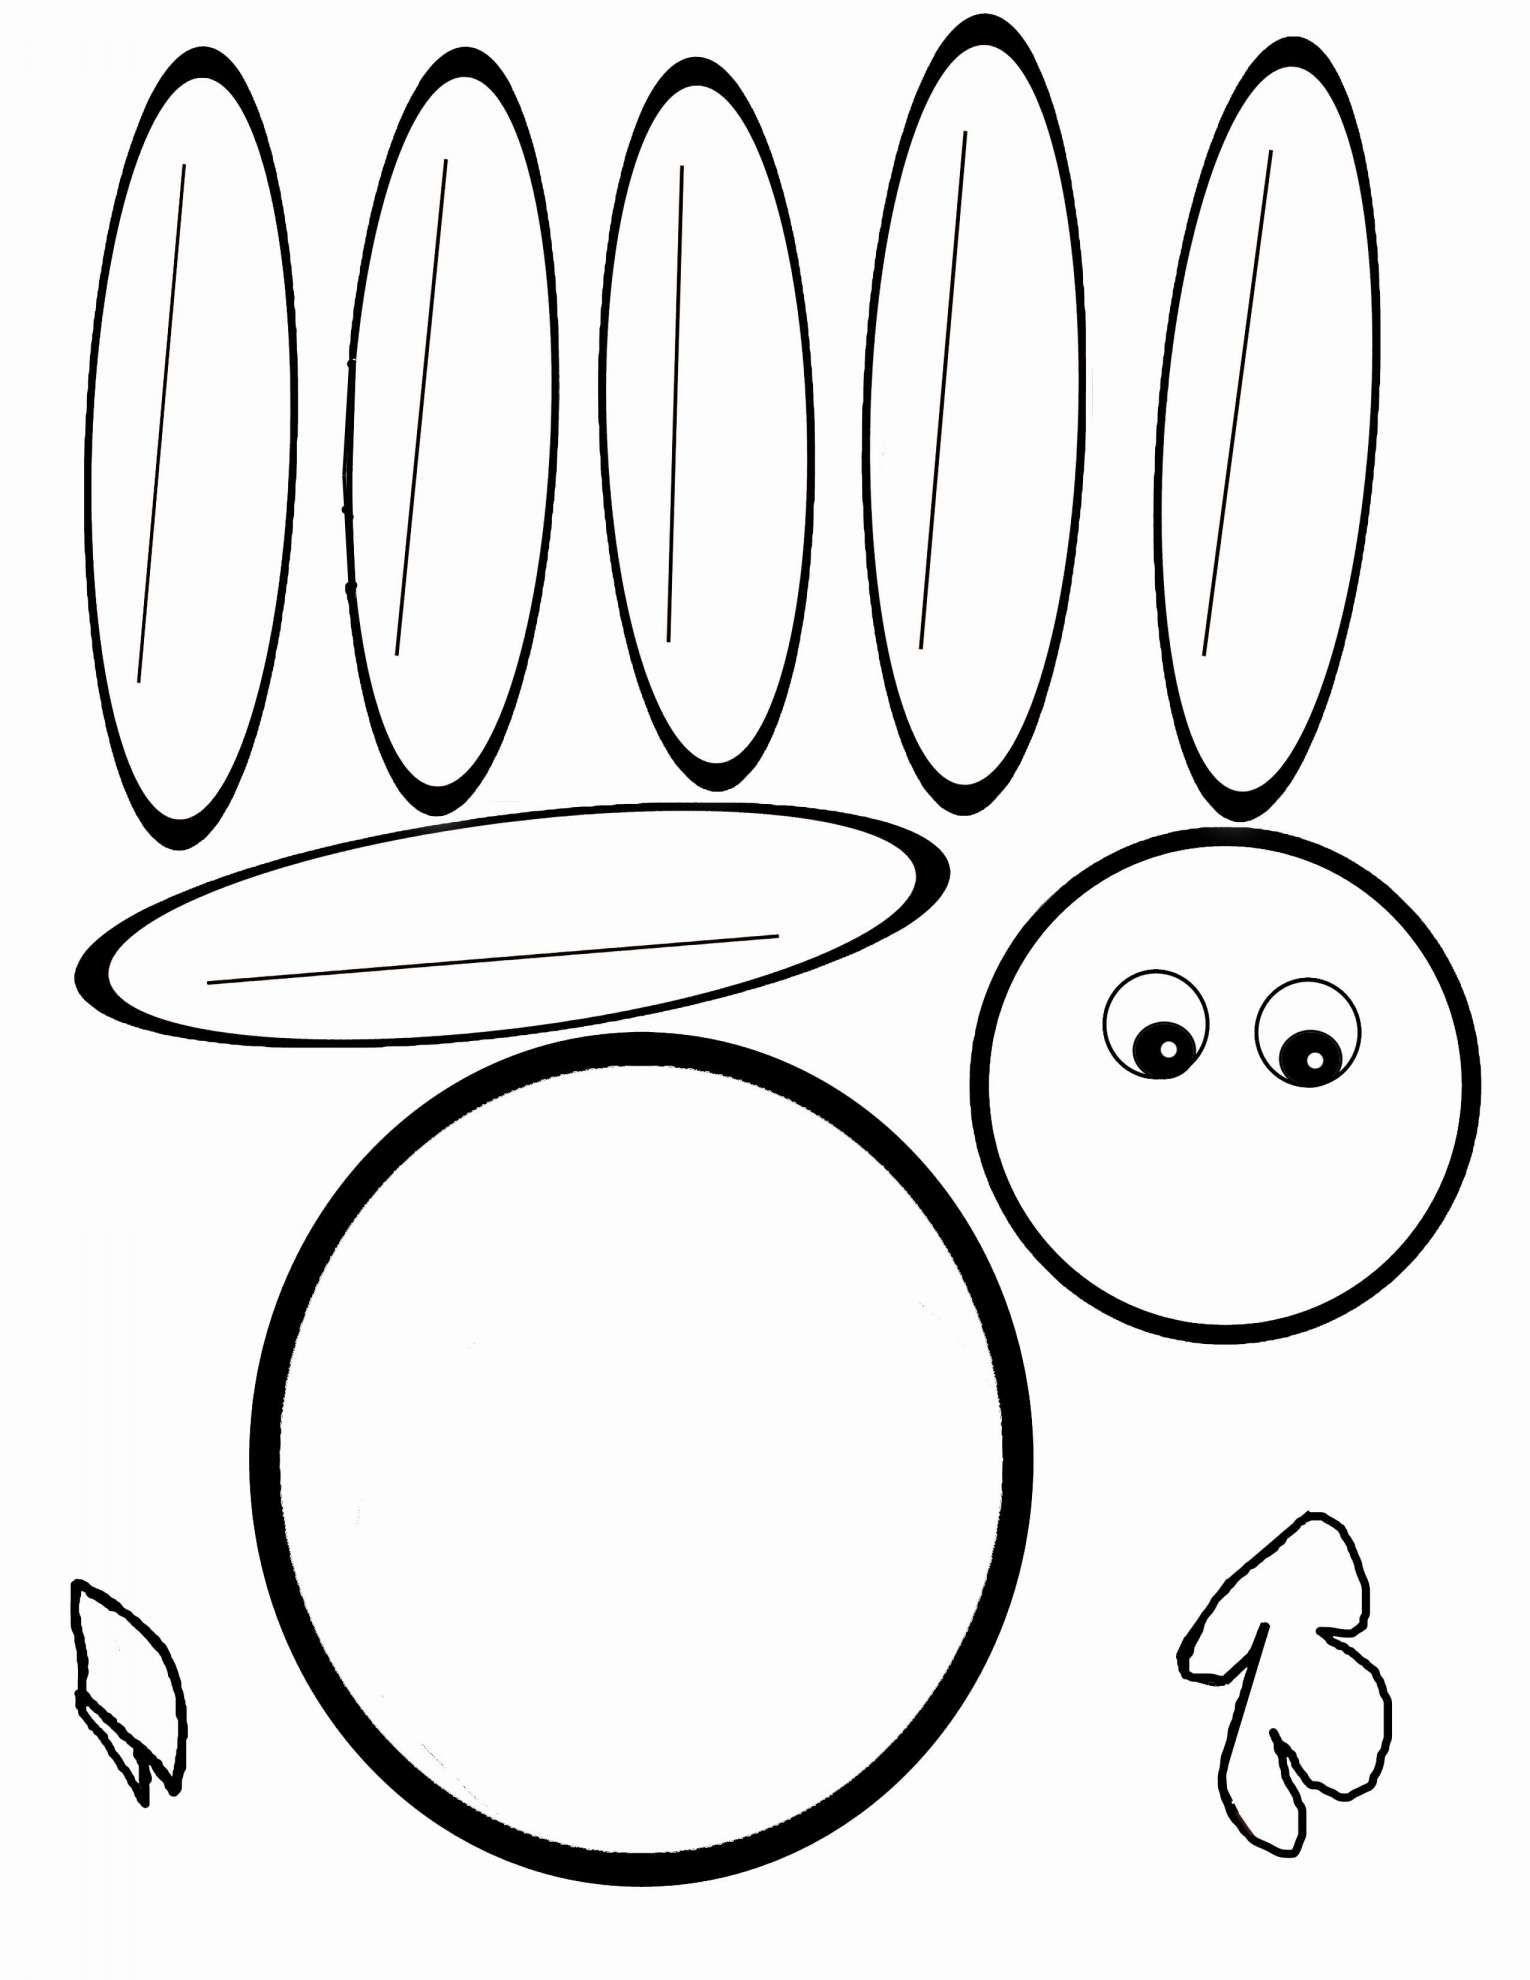 8 Preschool 11 Turkey Worksheet